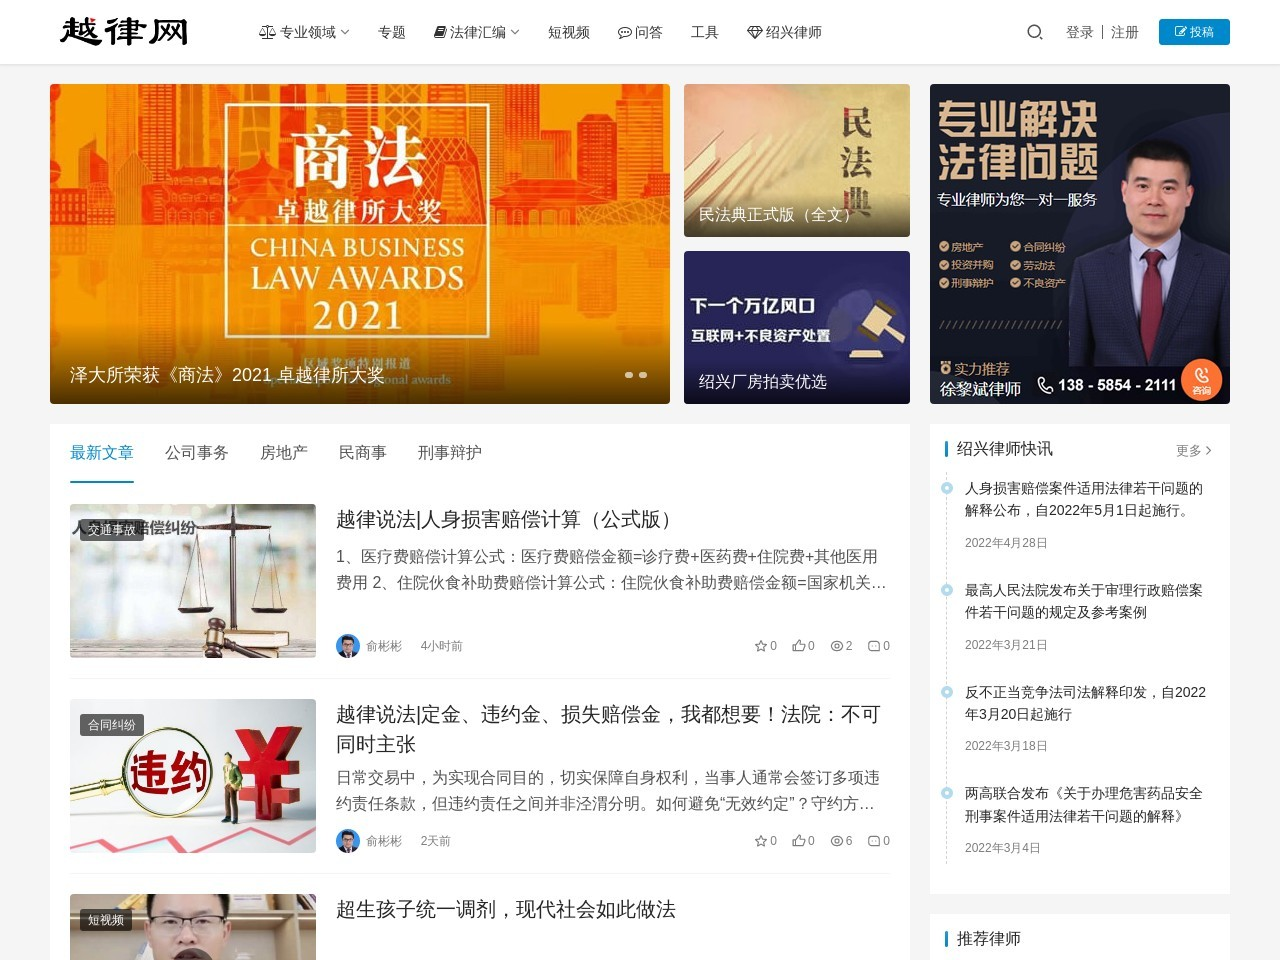 绍兴律师_泽大绍兴律师事务所 - 越律网绍兴律师团队